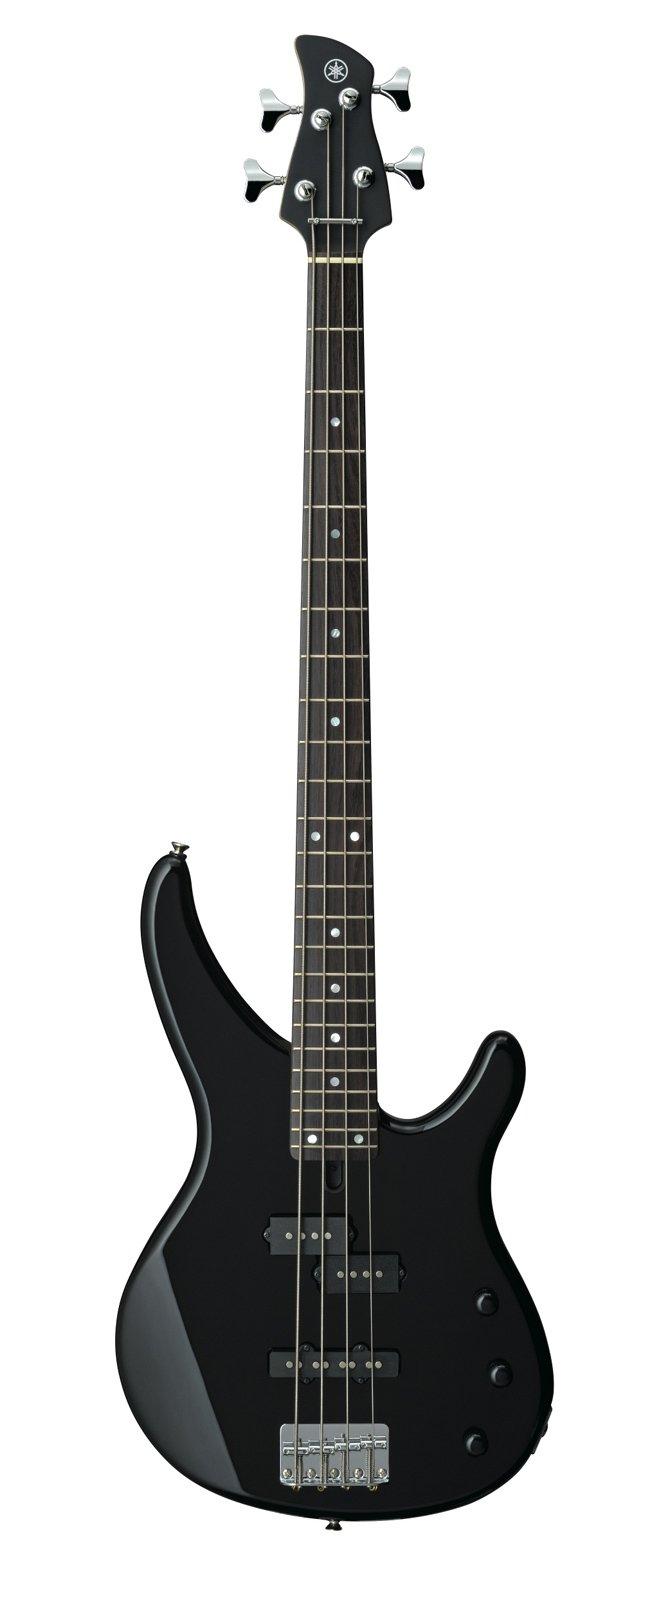 Yamaha TRBX174basso elettrico, colore nero